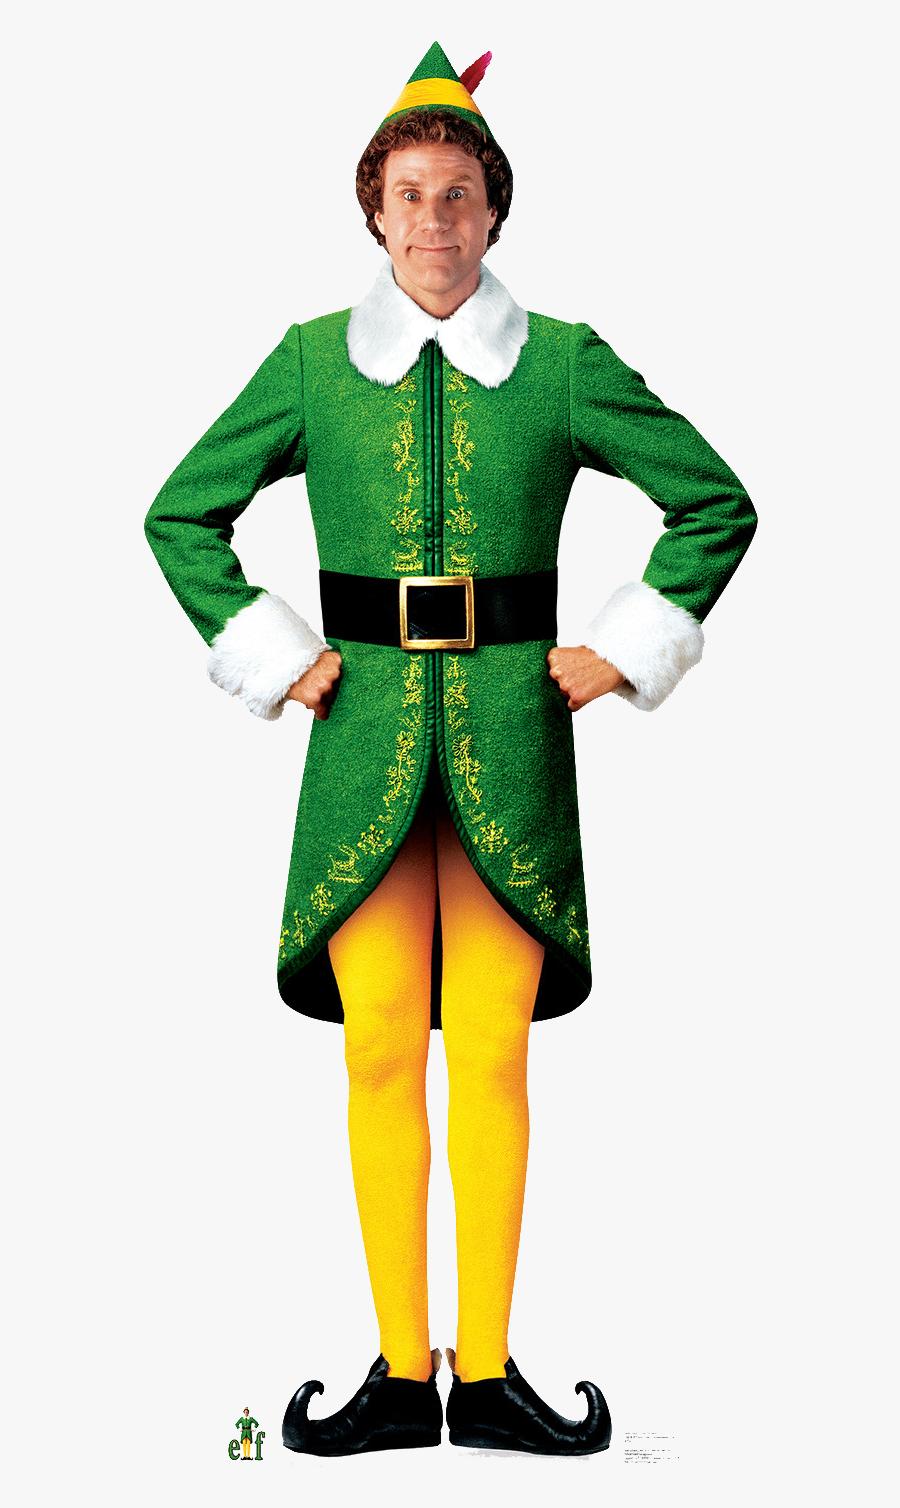 Transparent Elf Movie Png - Elf Movie, Transparent Clipart